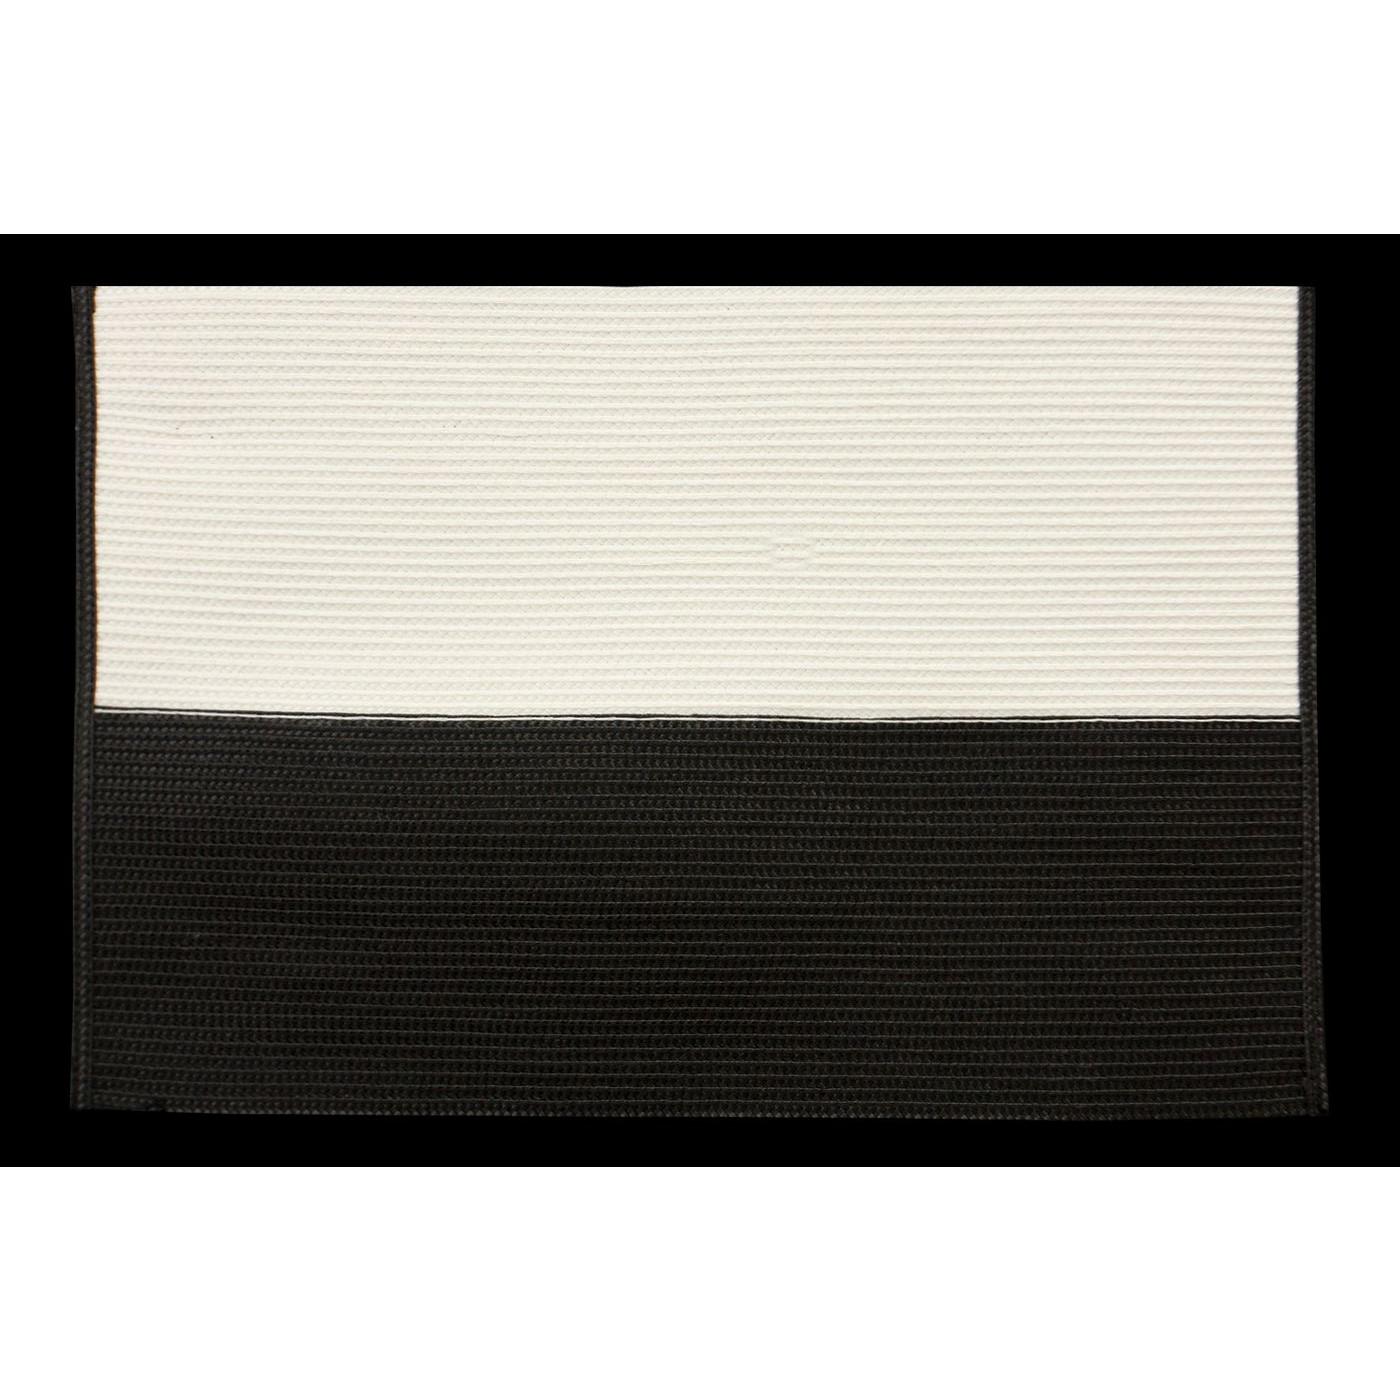 Dwukolorowa podkładka stołowa czarny i biały 30x45 cm